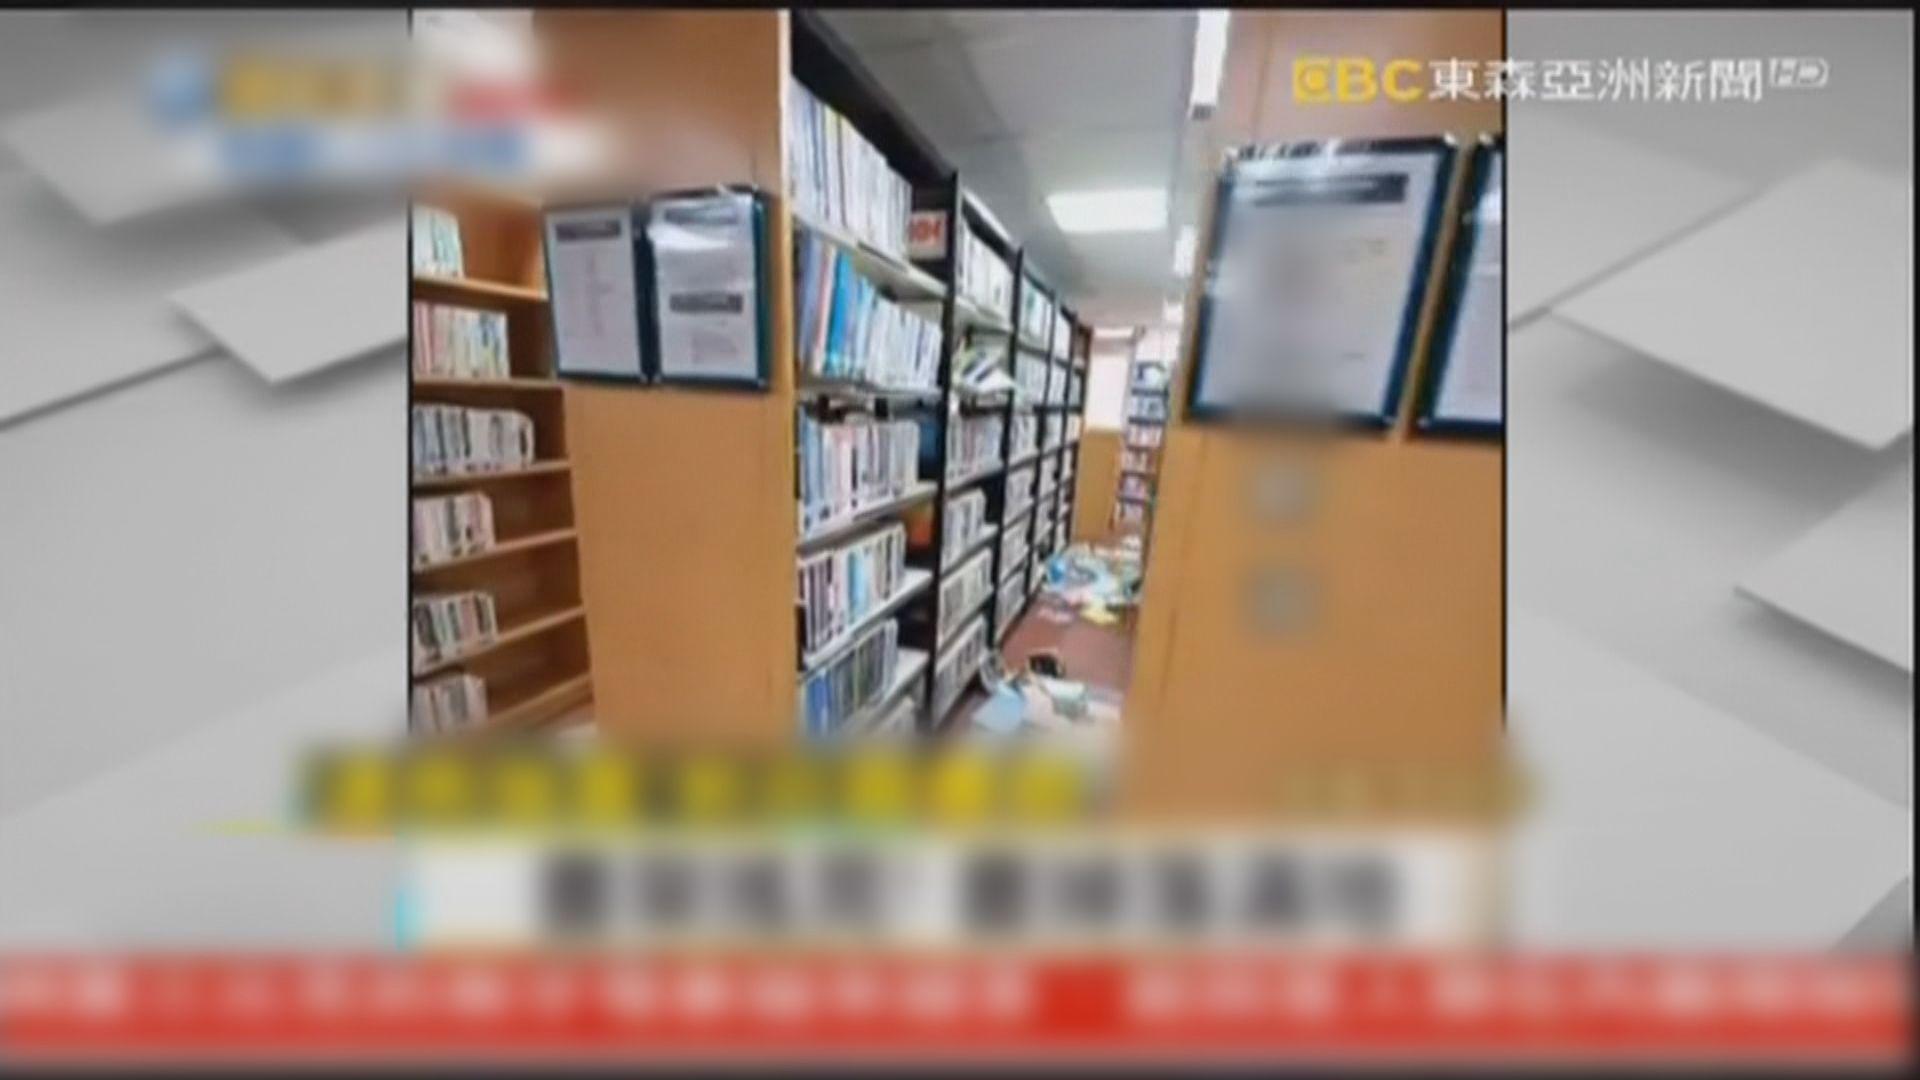 台灣宜蘭6.5級地震 未有嚴重災情